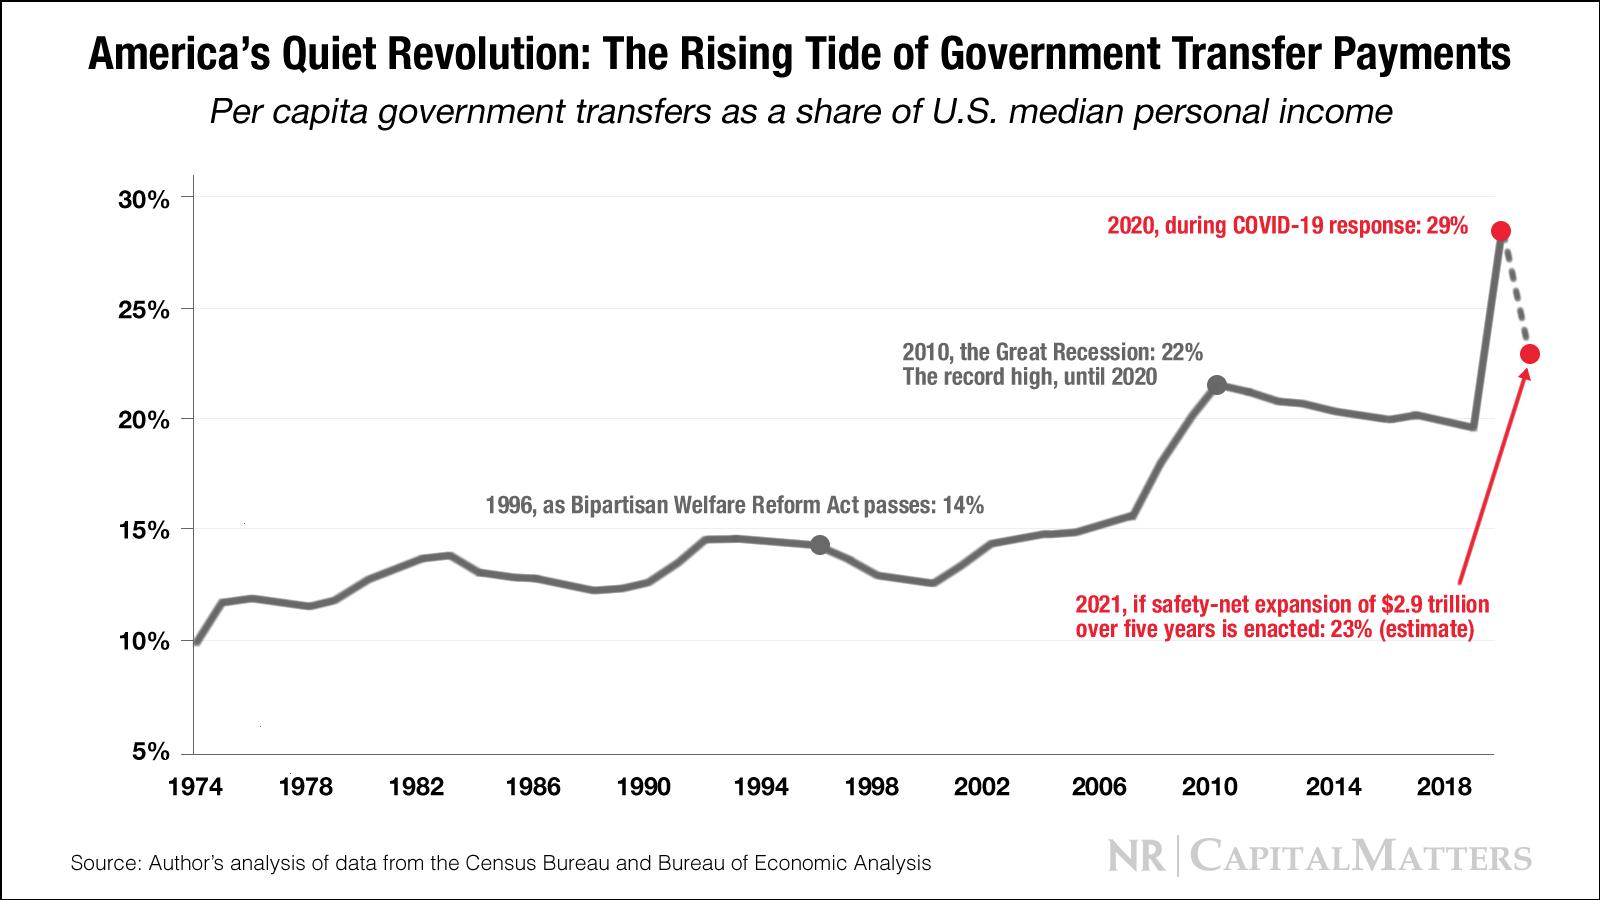 Pembayaran Bantuan Pemerintah Tumbuh ke Tingkat yang Belum Pernah Terjadi Sebelumnya